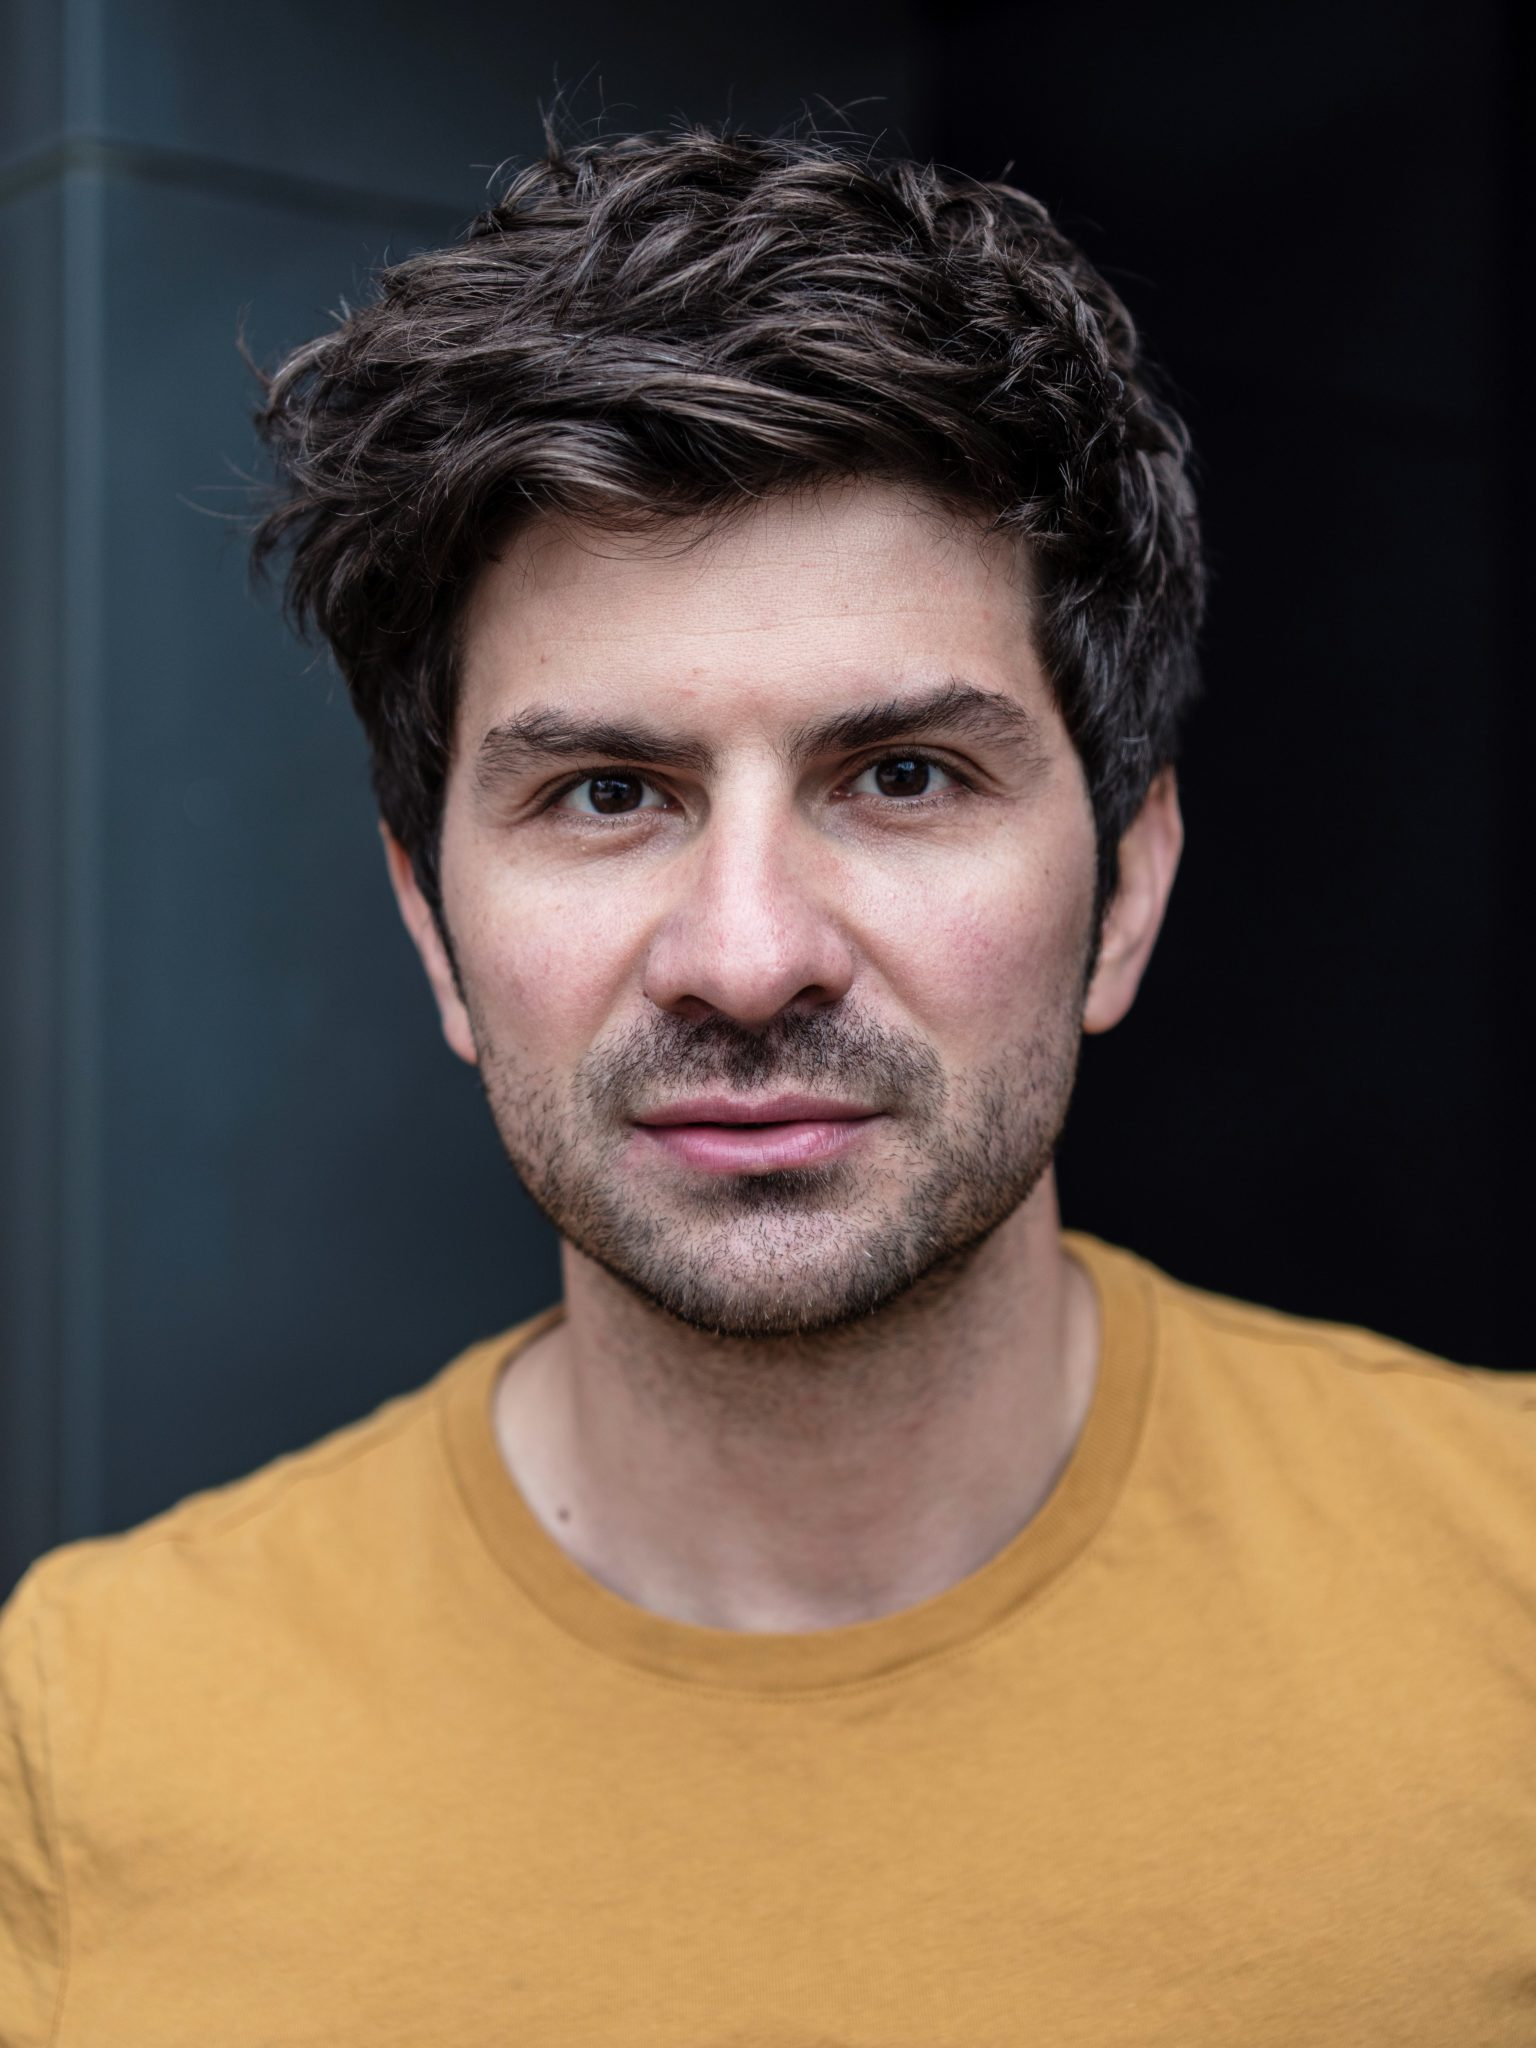 Schauspielerportraits Portraitshooting Berlin - Marco van Oel